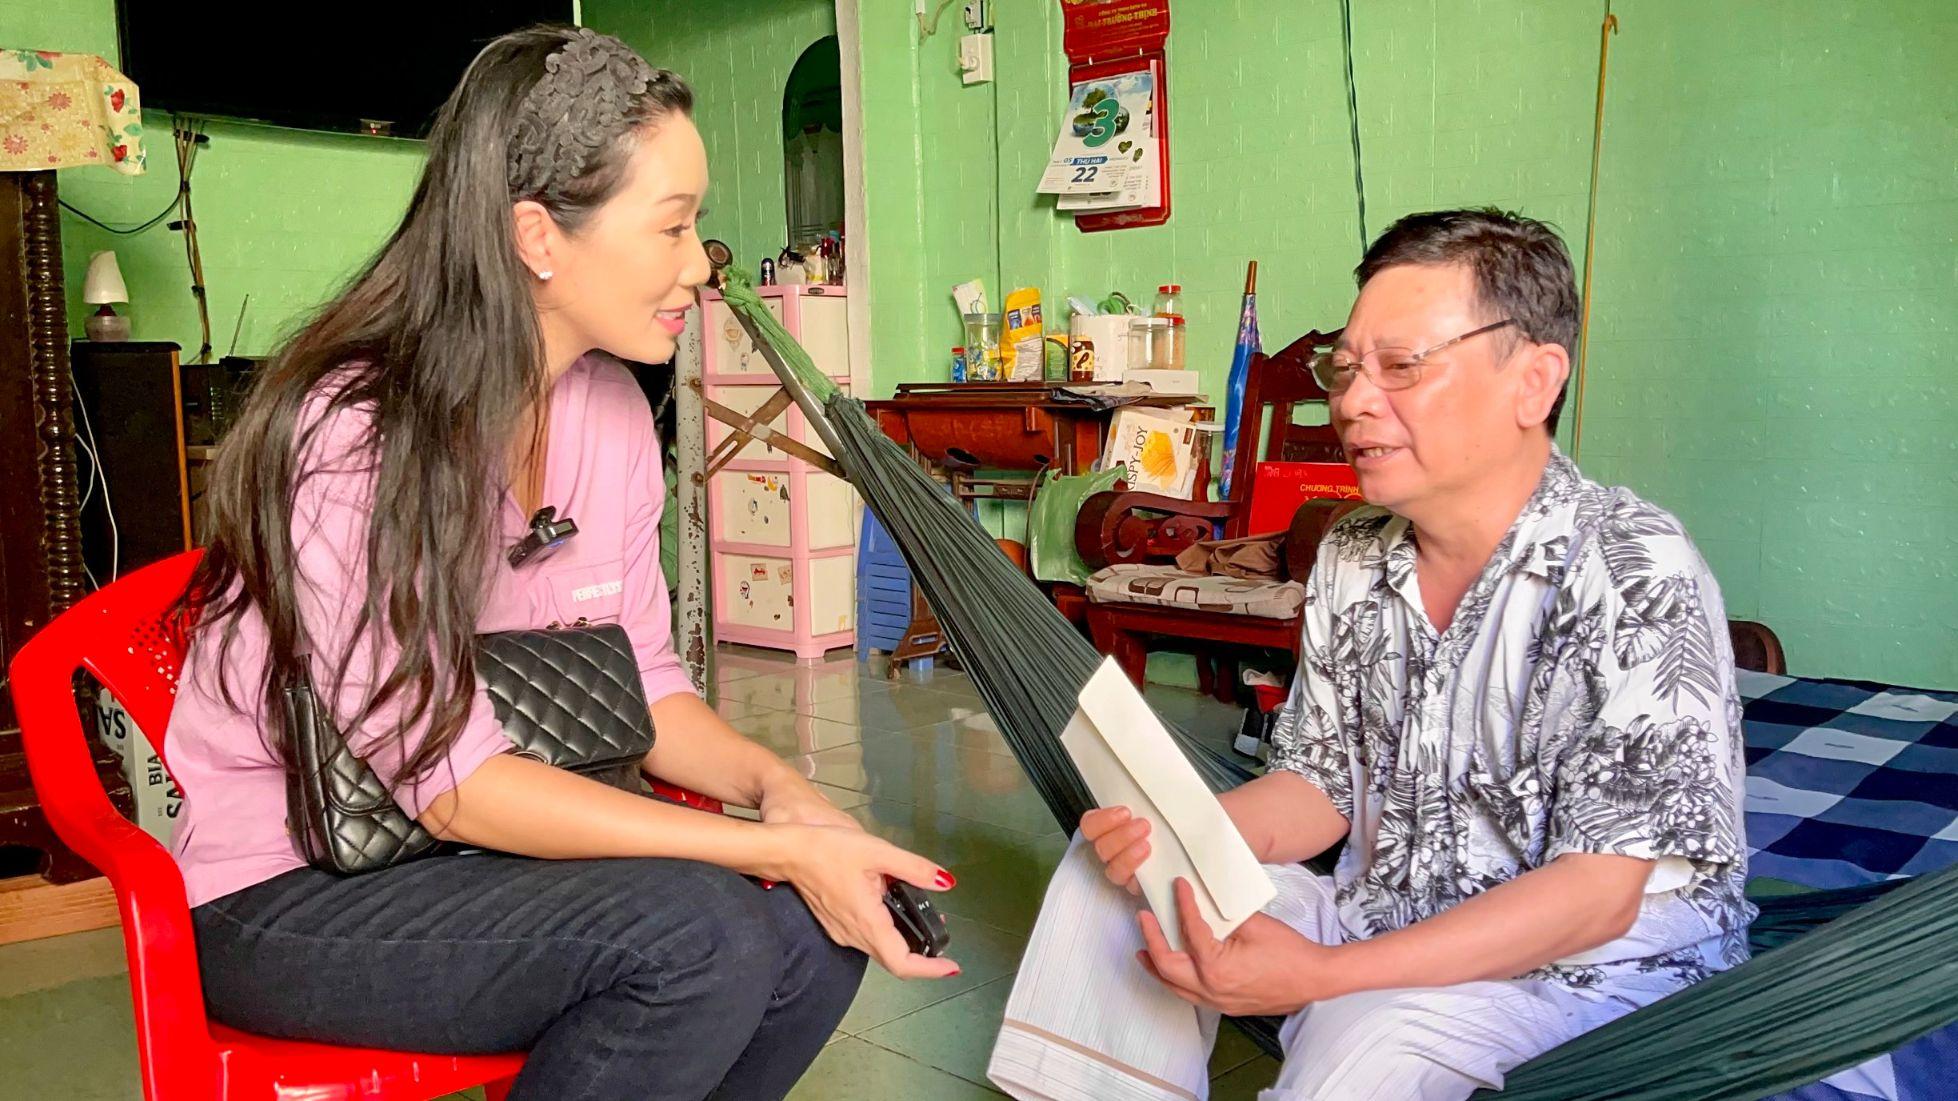 trinh kim chi 4 NSƯT Trịnh Kim Chi chăm lo những nghệ sĩ có hoàn cảnh đặc biệt trong mùa dịch